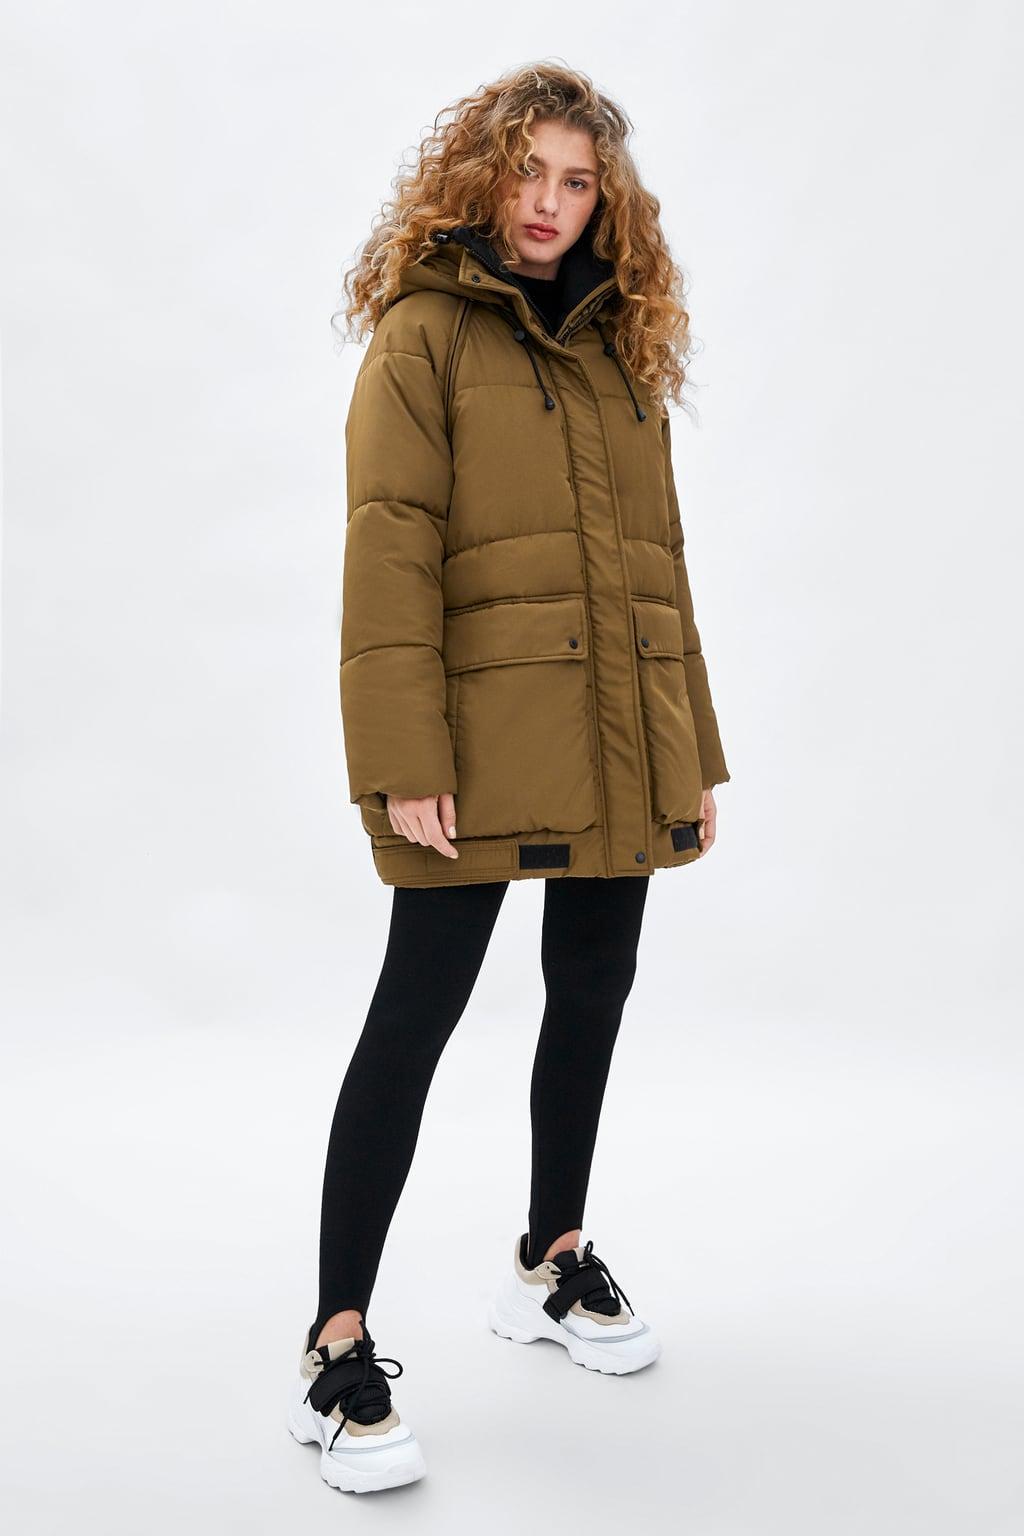 изображение 2 из СТЕГАНОЕ ПАЛЬТО RECYCLED CAPSULE от Zara